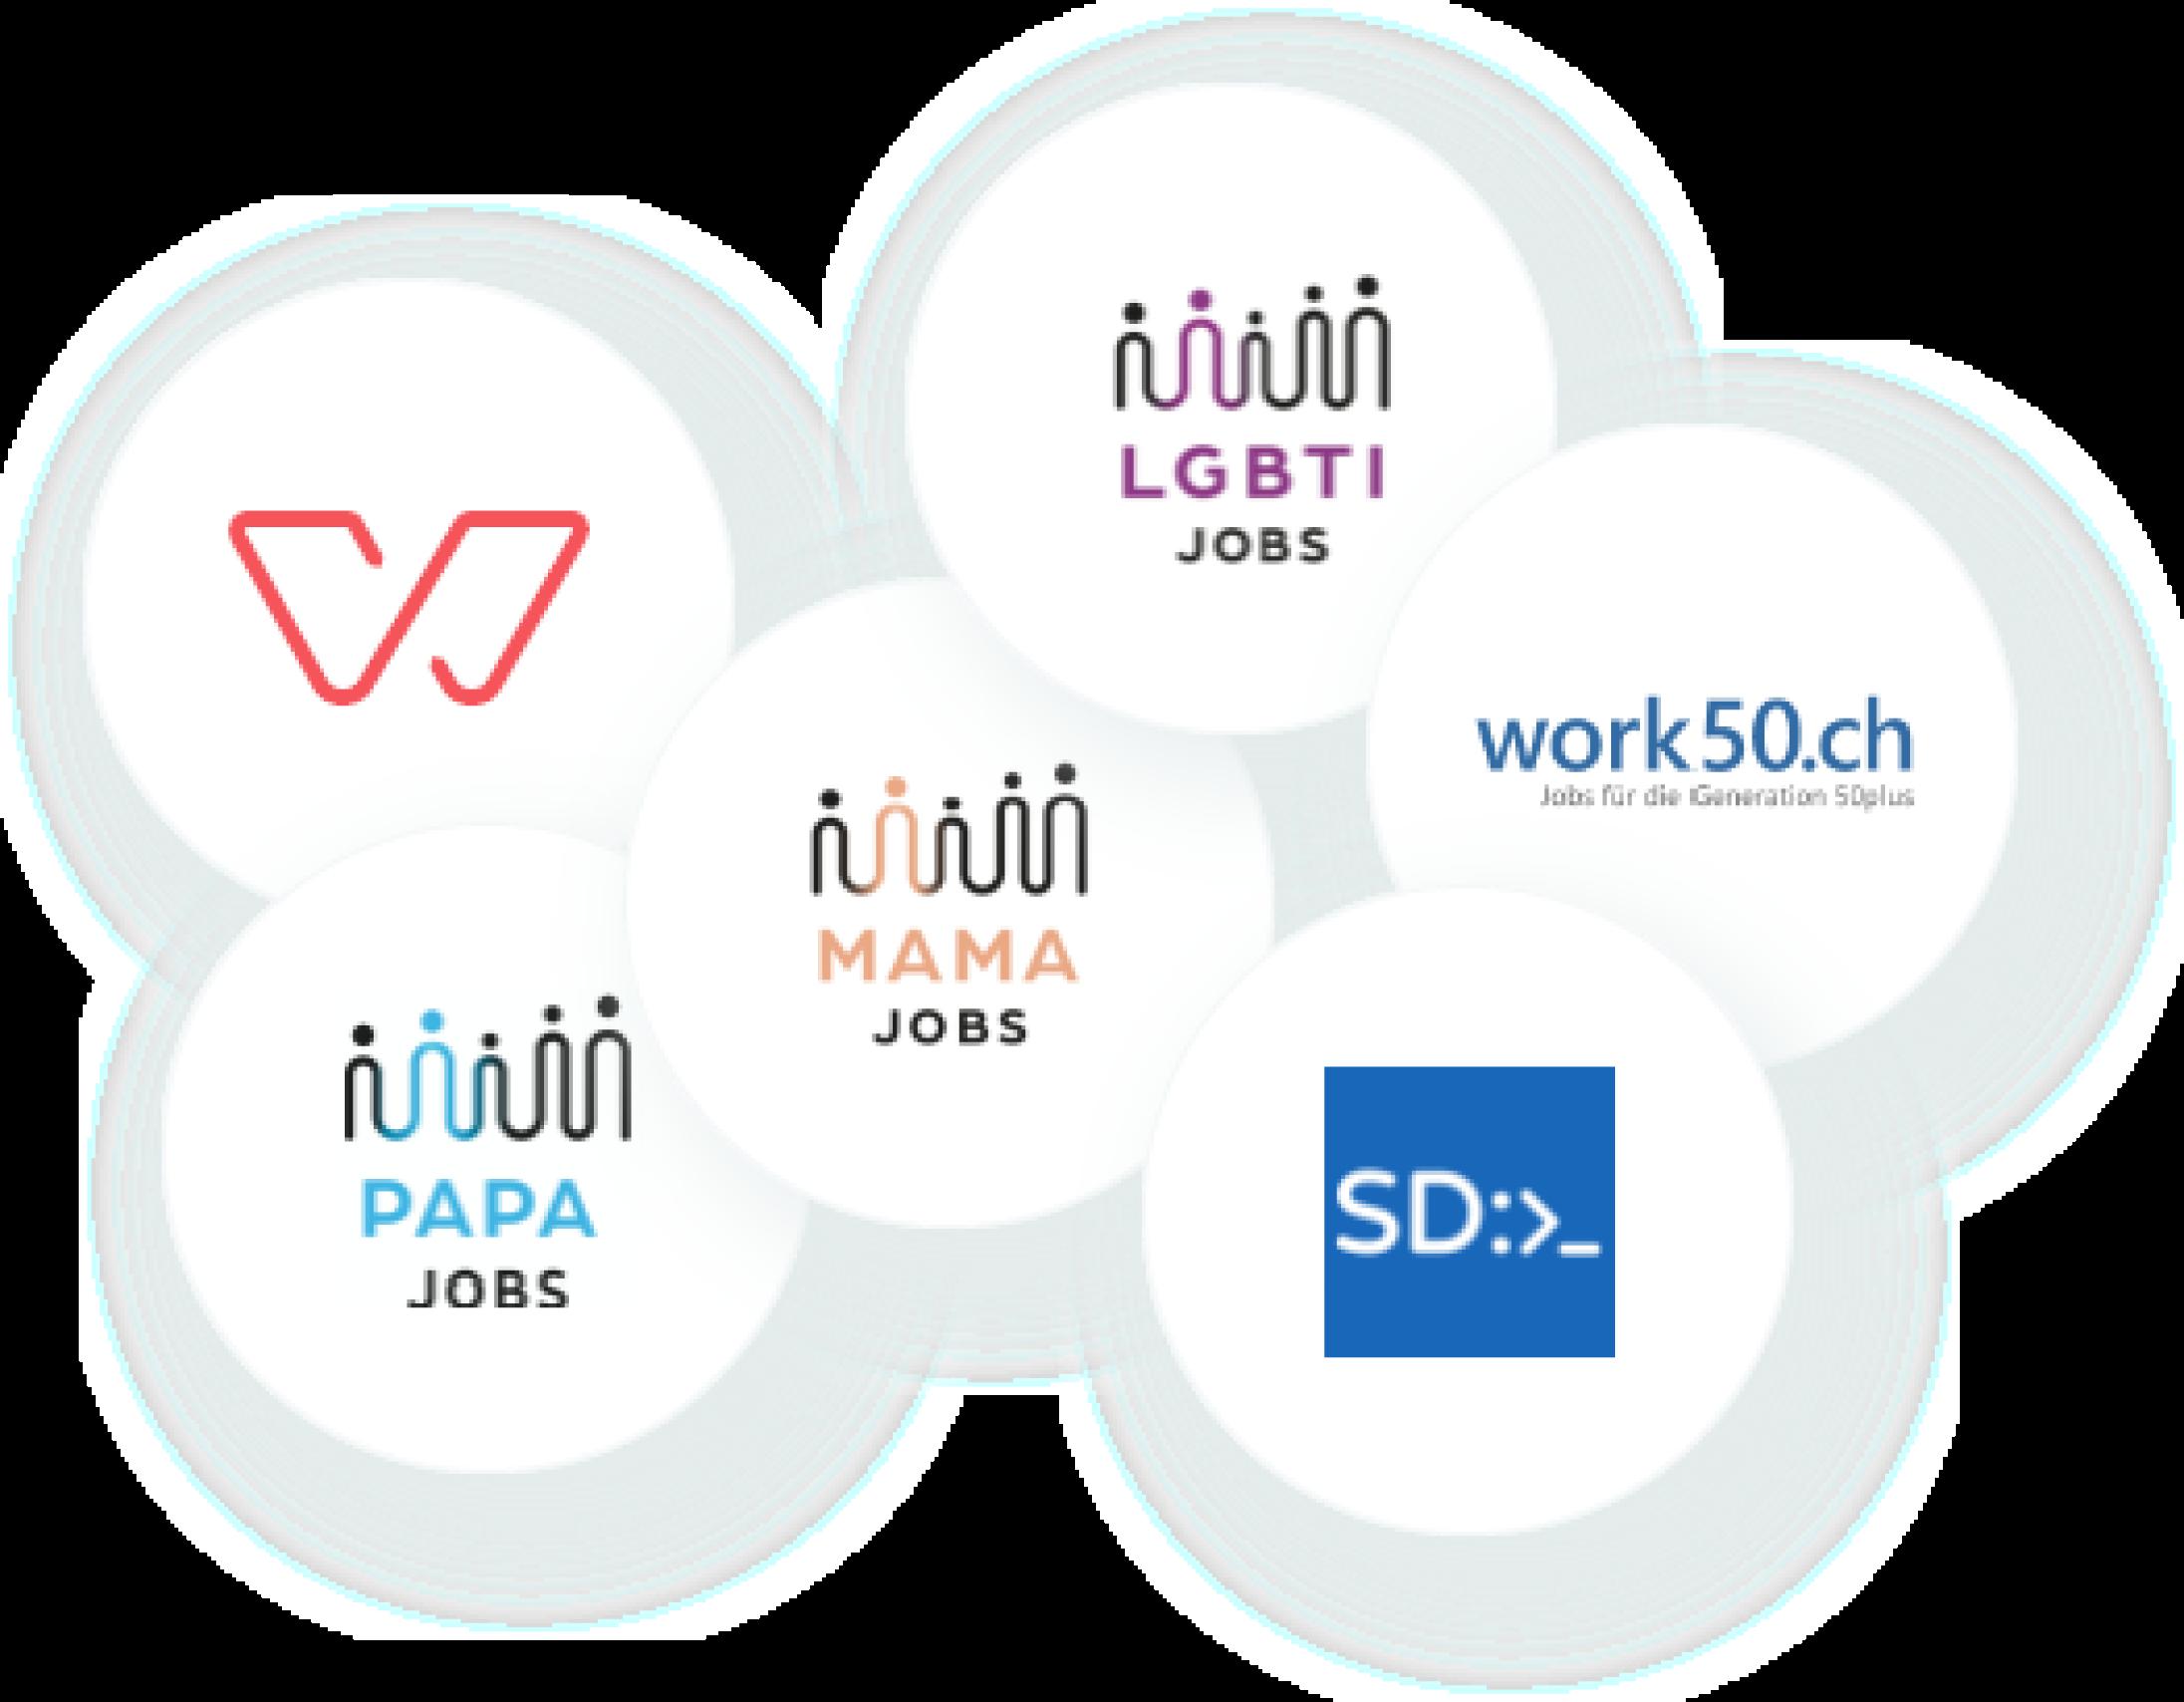 Various job platform logos